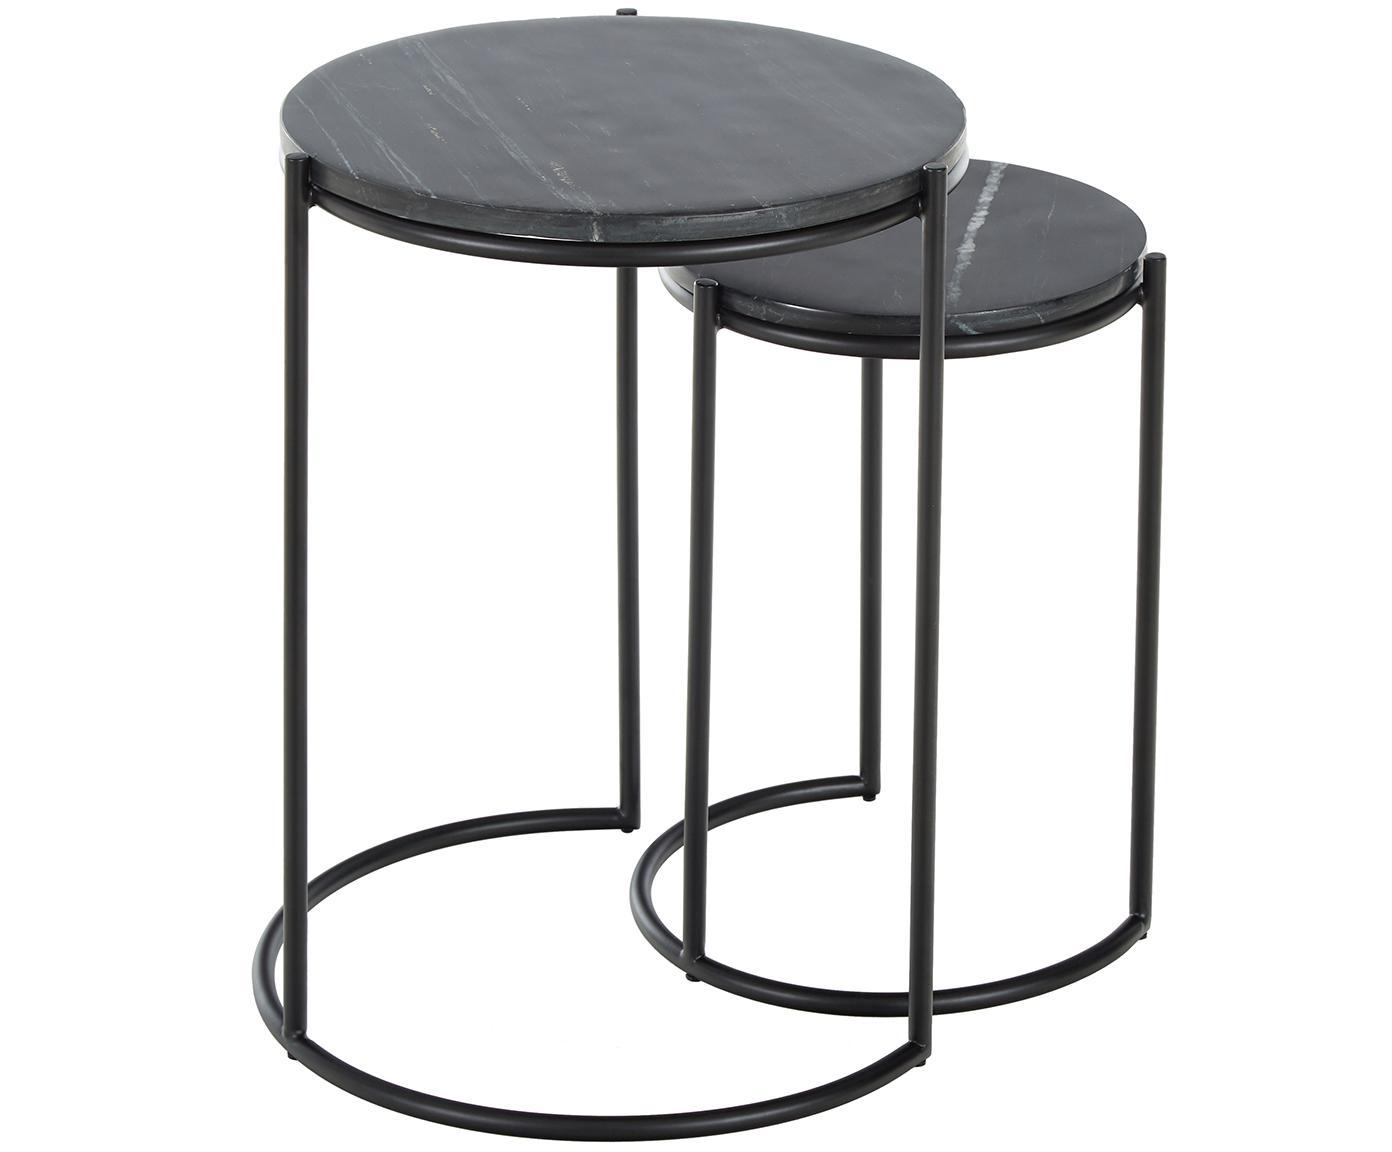 Set de mesas auxiliares de mármol Ella, Tablero: mármol natural, Estructura: metal con pintura en polv, Negro veteado, negro, Tamaños diferentes